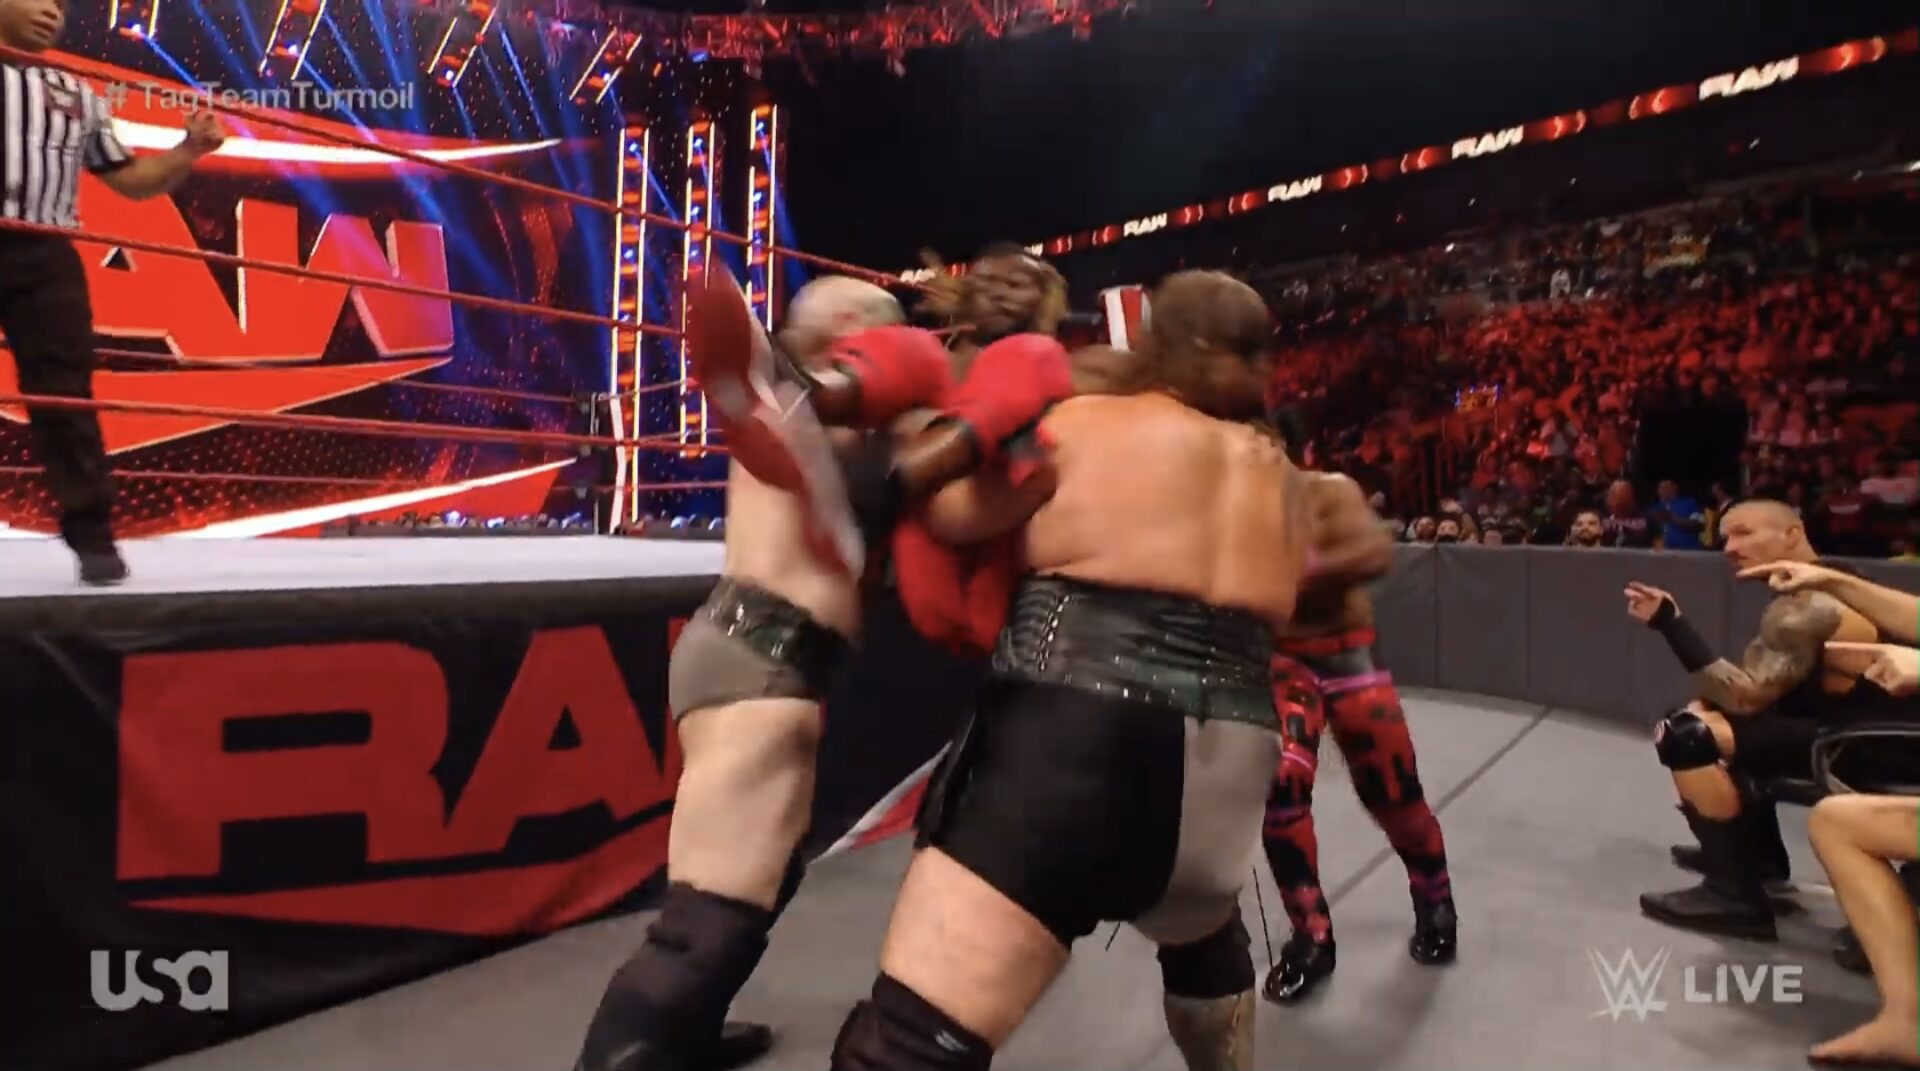 raw tag team turmoil